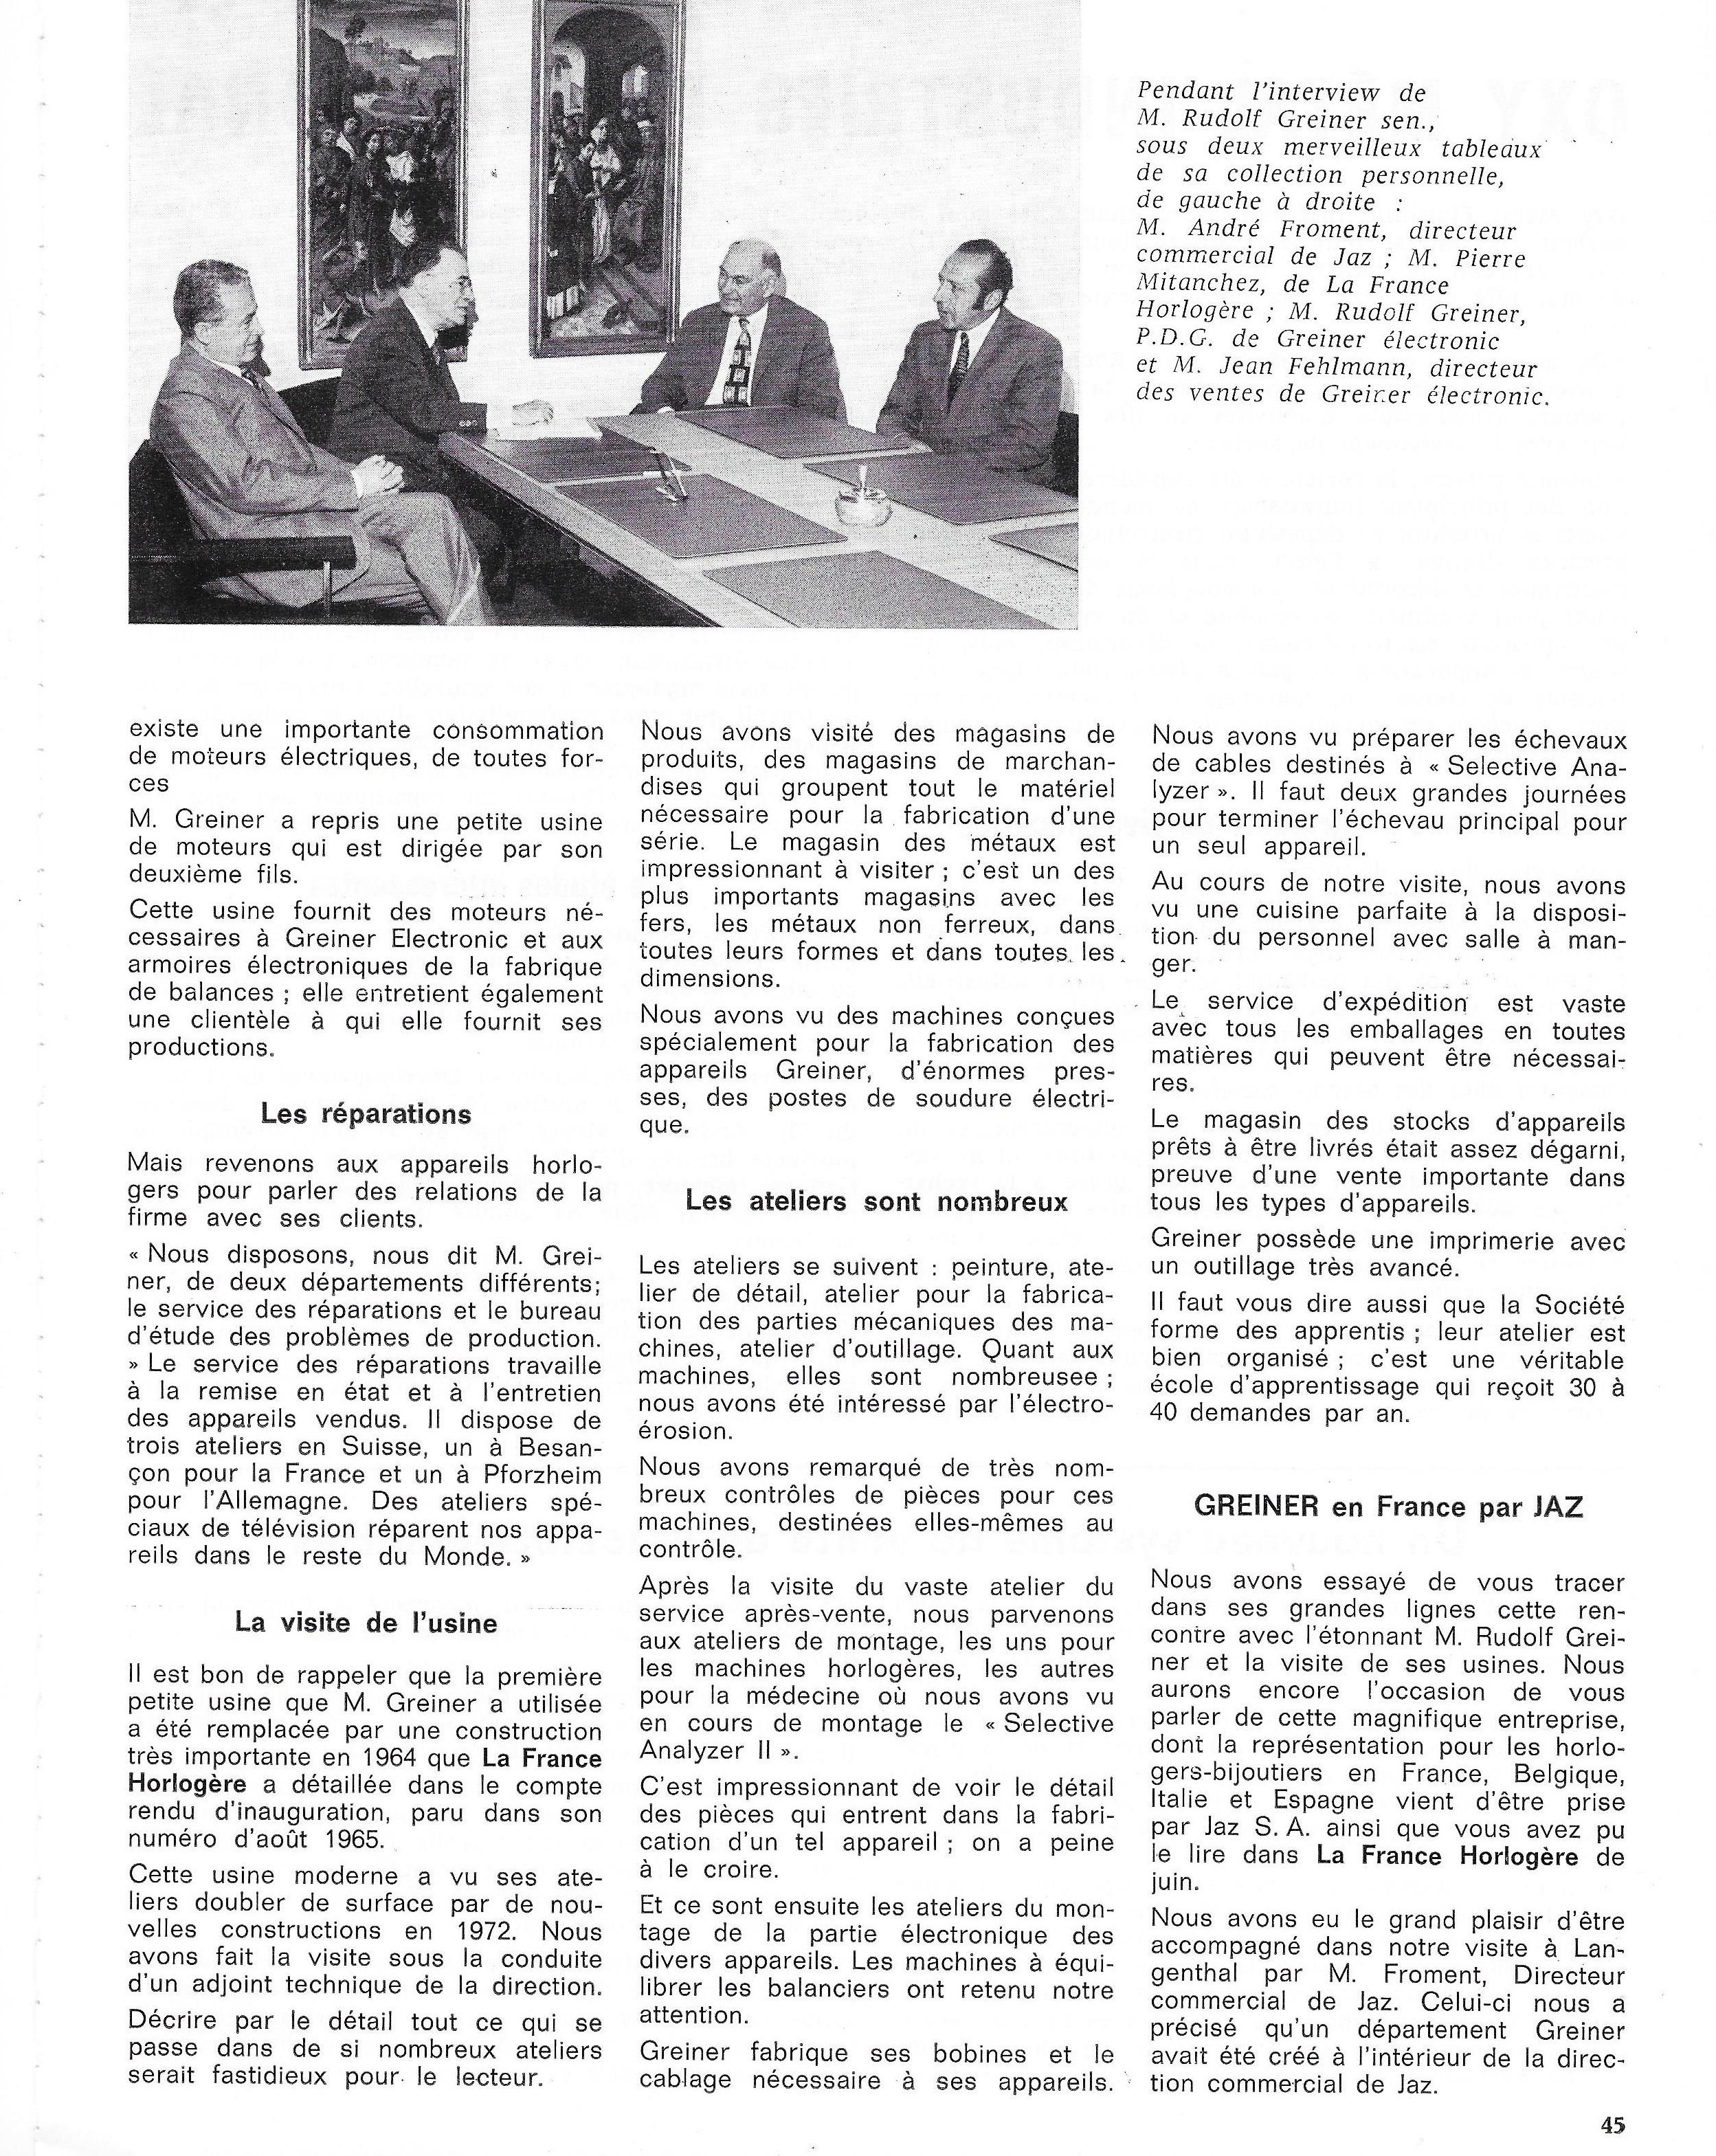 La France Horlogère page 45